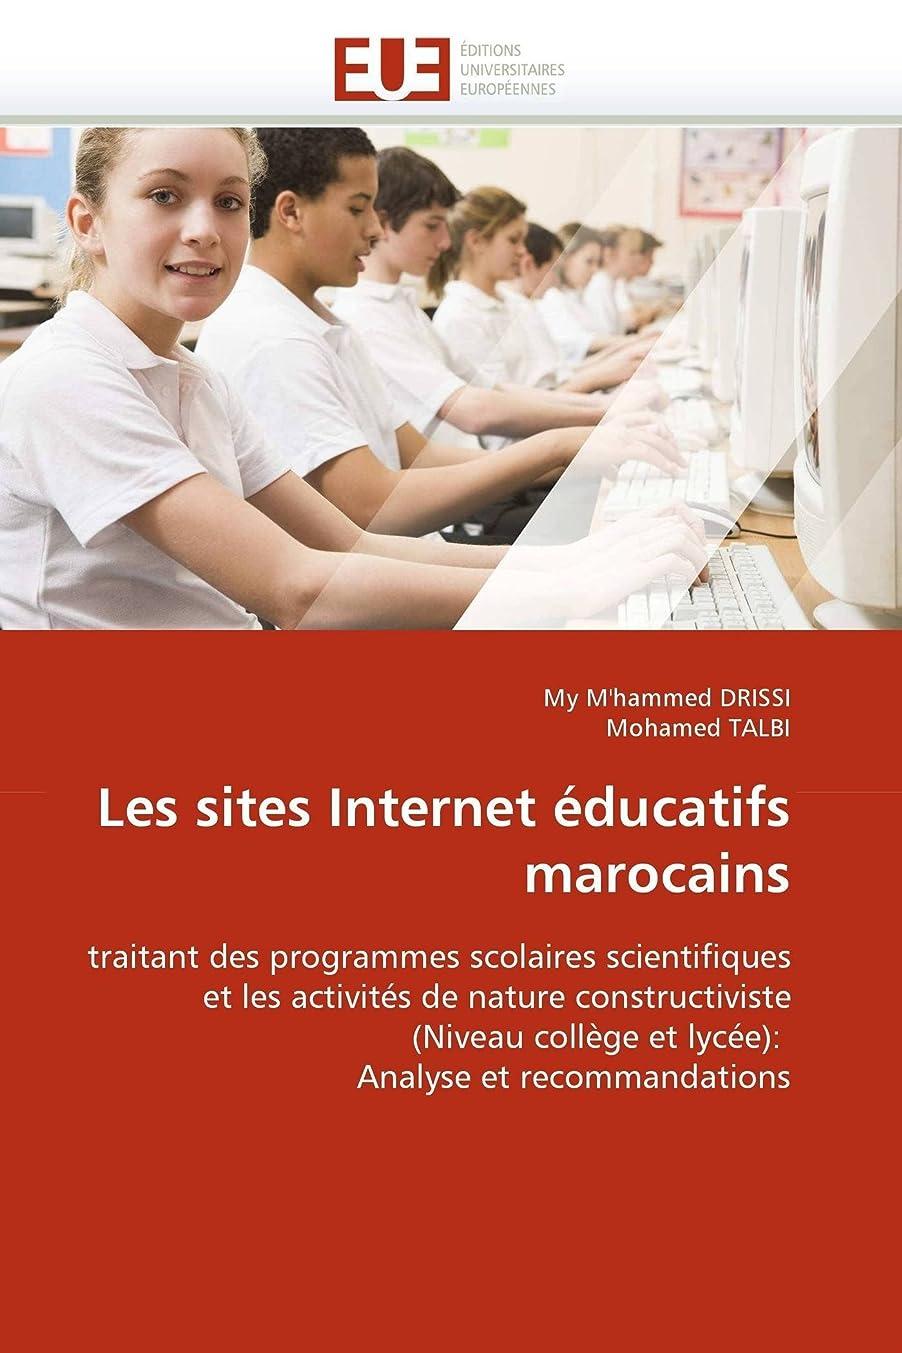 確率プライバシーピークLes Sites Internet éducatifs Marocains (Omn.Univ.Europ.)